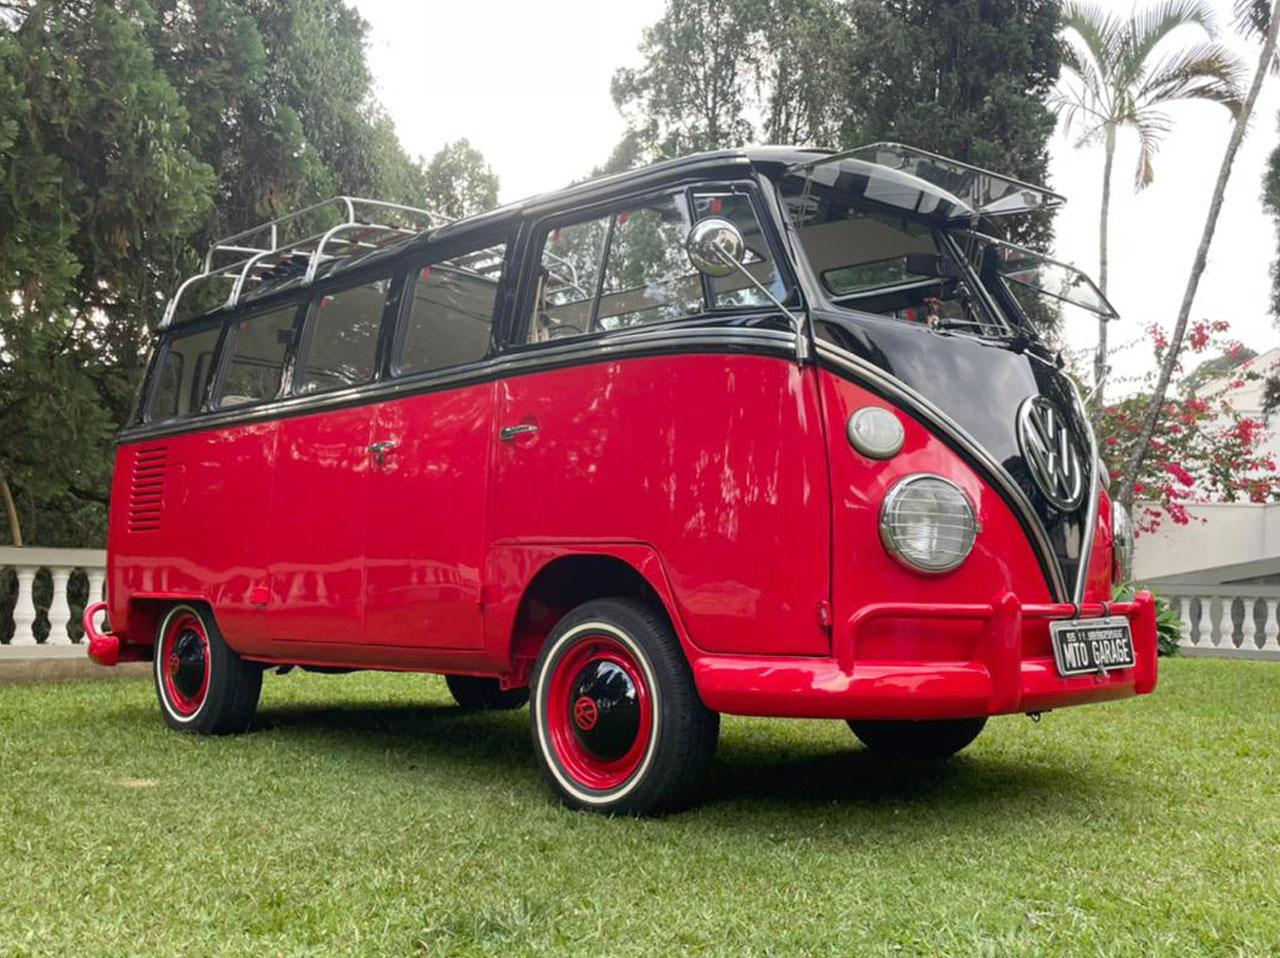 VW Kombi T1 Samba (Réplica) Preta e Vermelha 1974